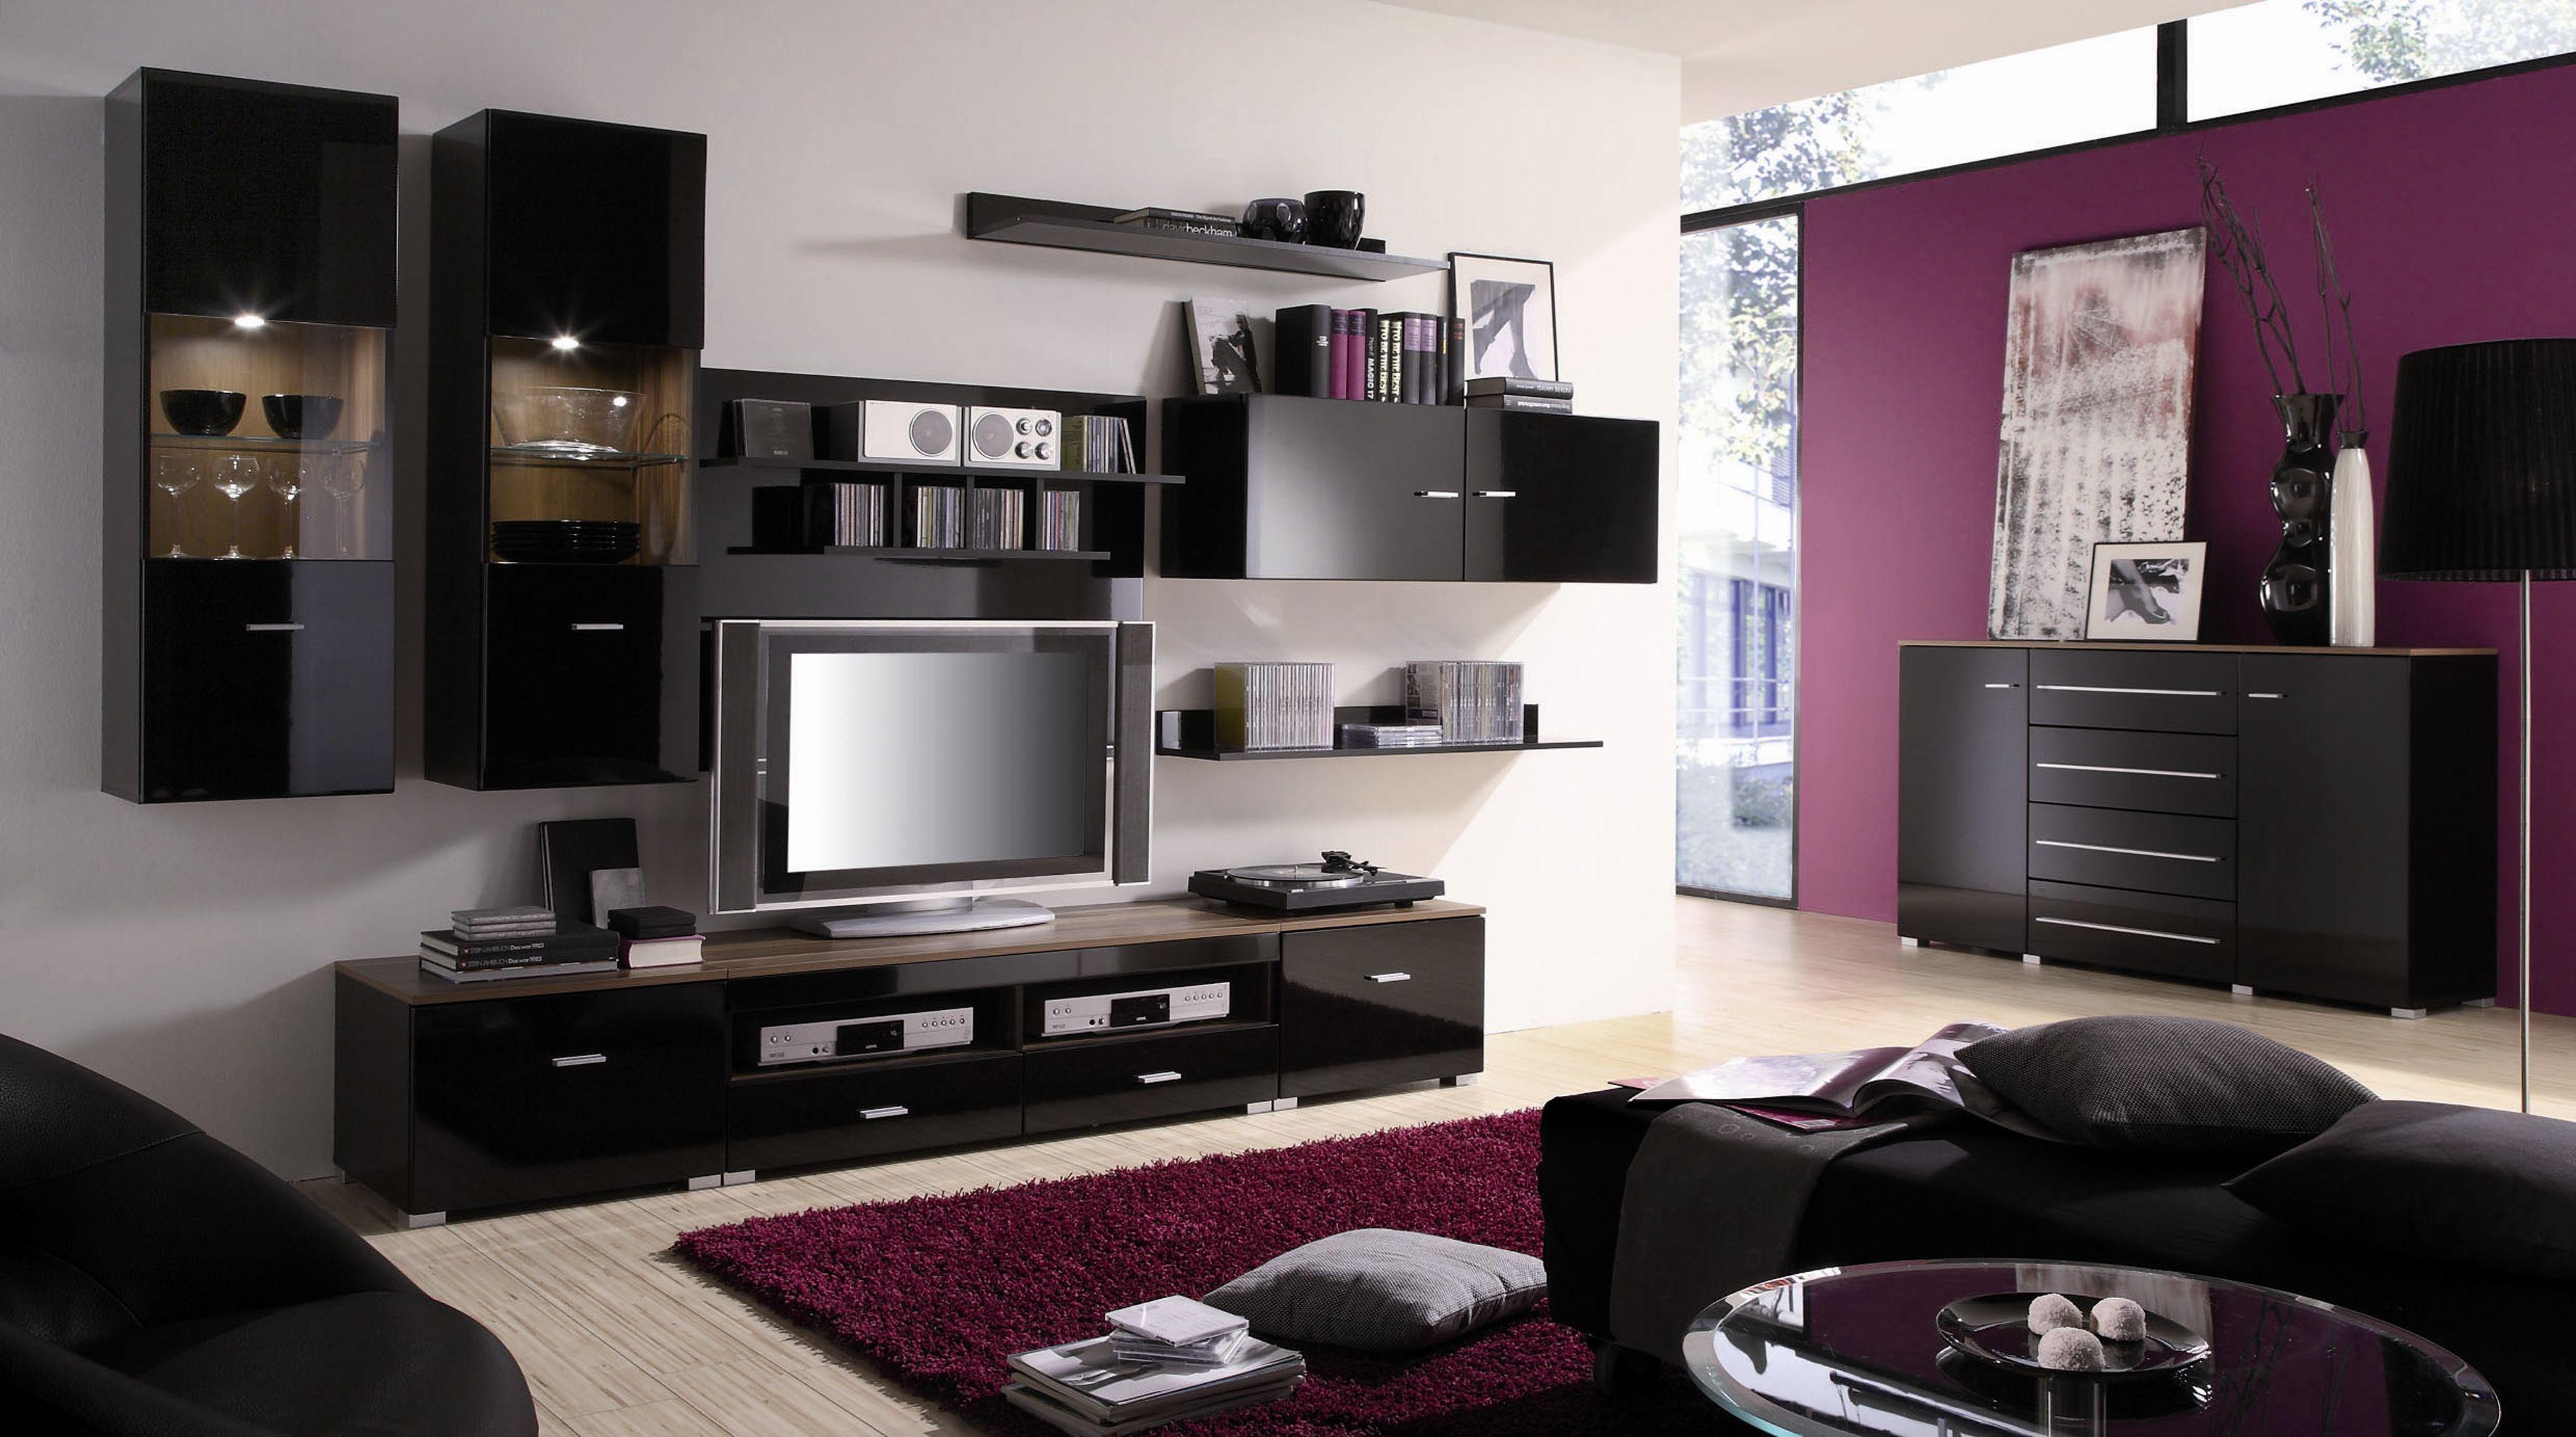 недорого мебель прихожие для маленьких квартир в караганде